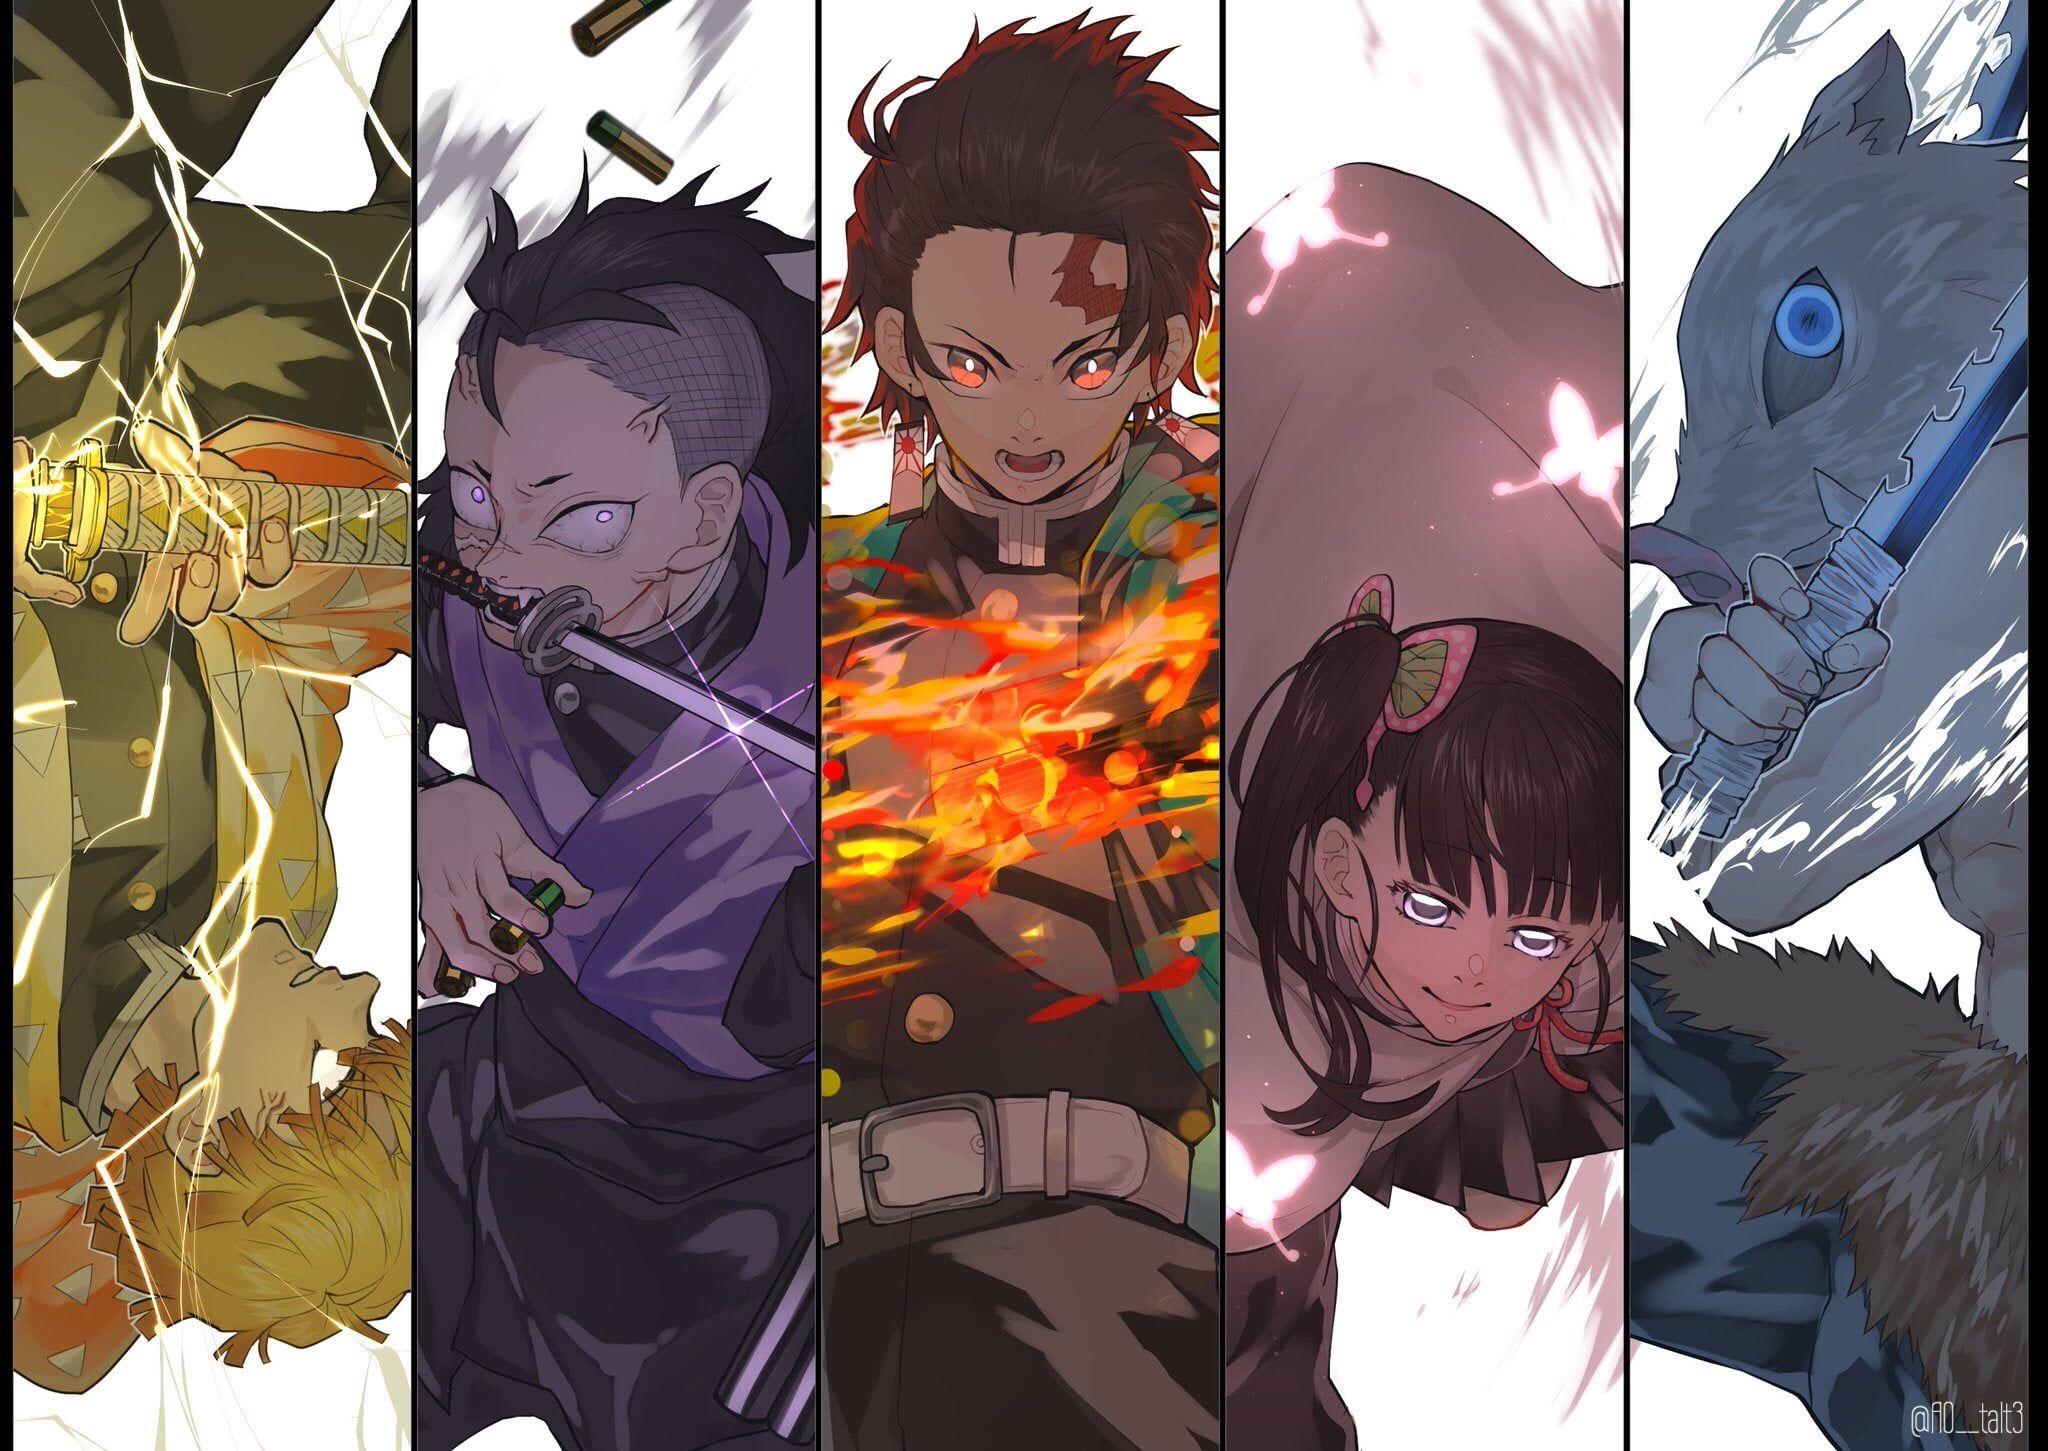 Anime Demon Slayer Kimetsu No Yaiba Inosuke Hashibira Kanao Tsuyuri Tanjirou Kamado Zenitsu Agatsuma 1080p Wallpaper Hdwall In 2020 Anime Demon Anime Slayer Anime